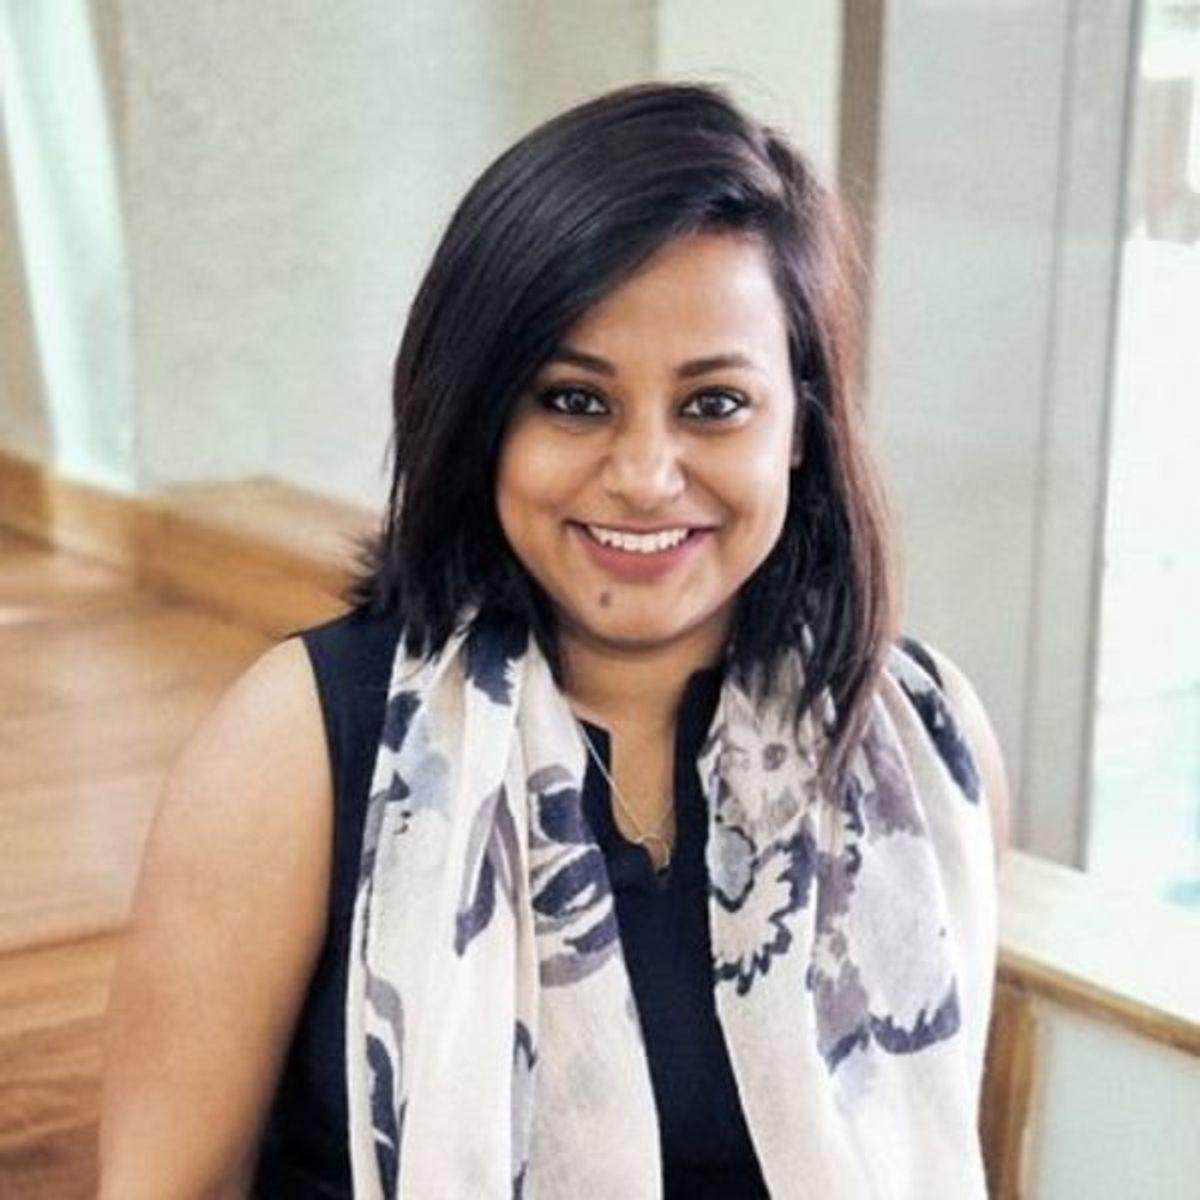 Photo of Nruthya Madappa, Managing Partner at CoWrks Foundry